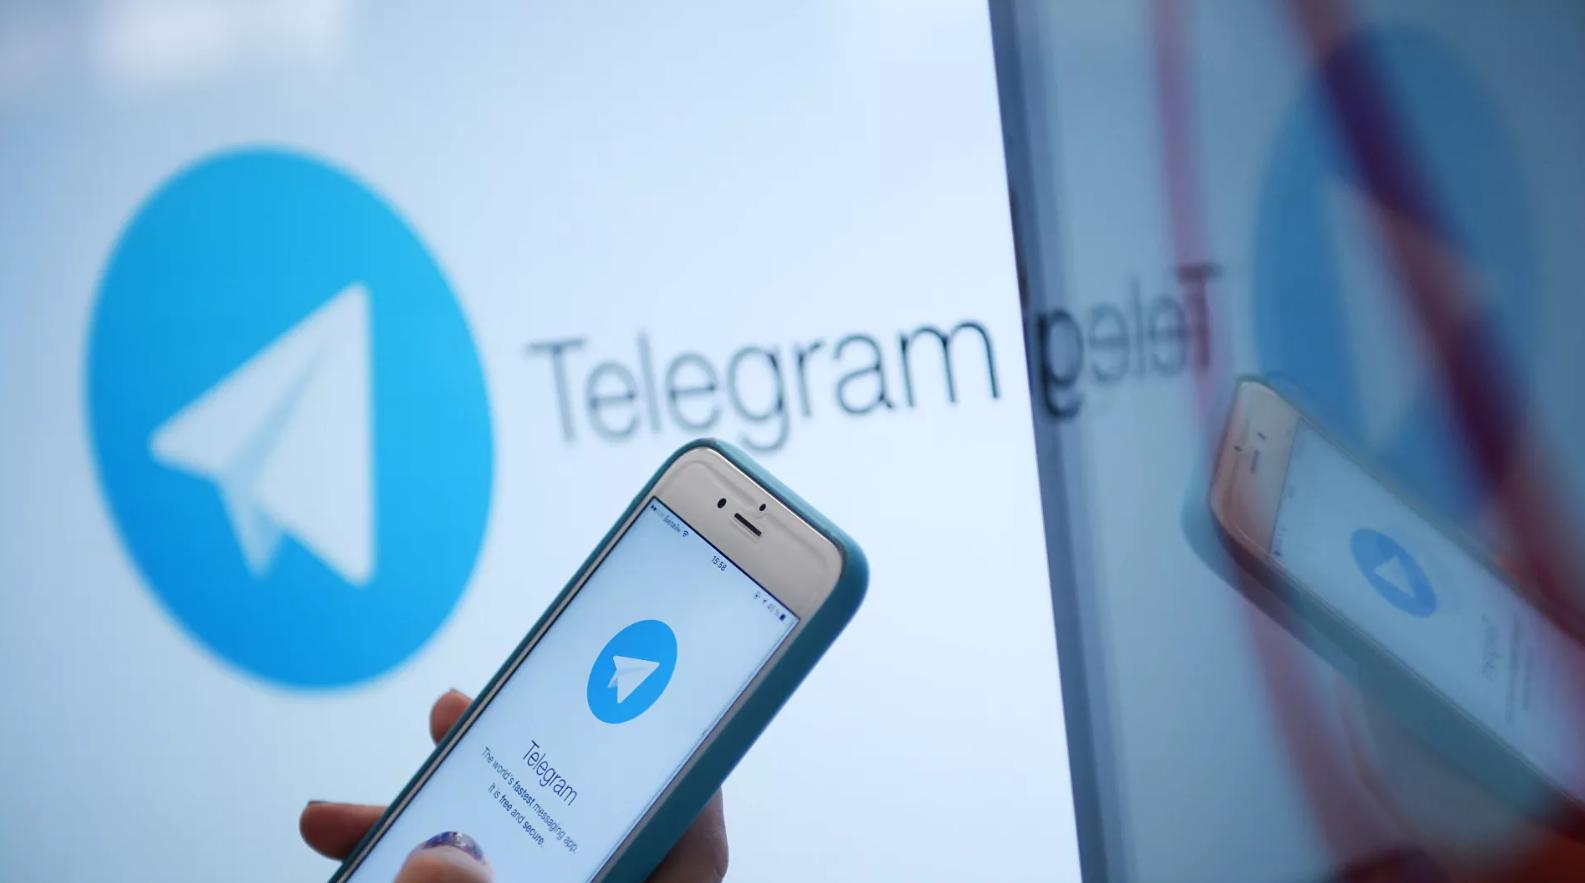 """Esto es una """"democracia"""": En EE.UU. se presentó una demanda exigiendo eliminar Telegram de Google Play"""